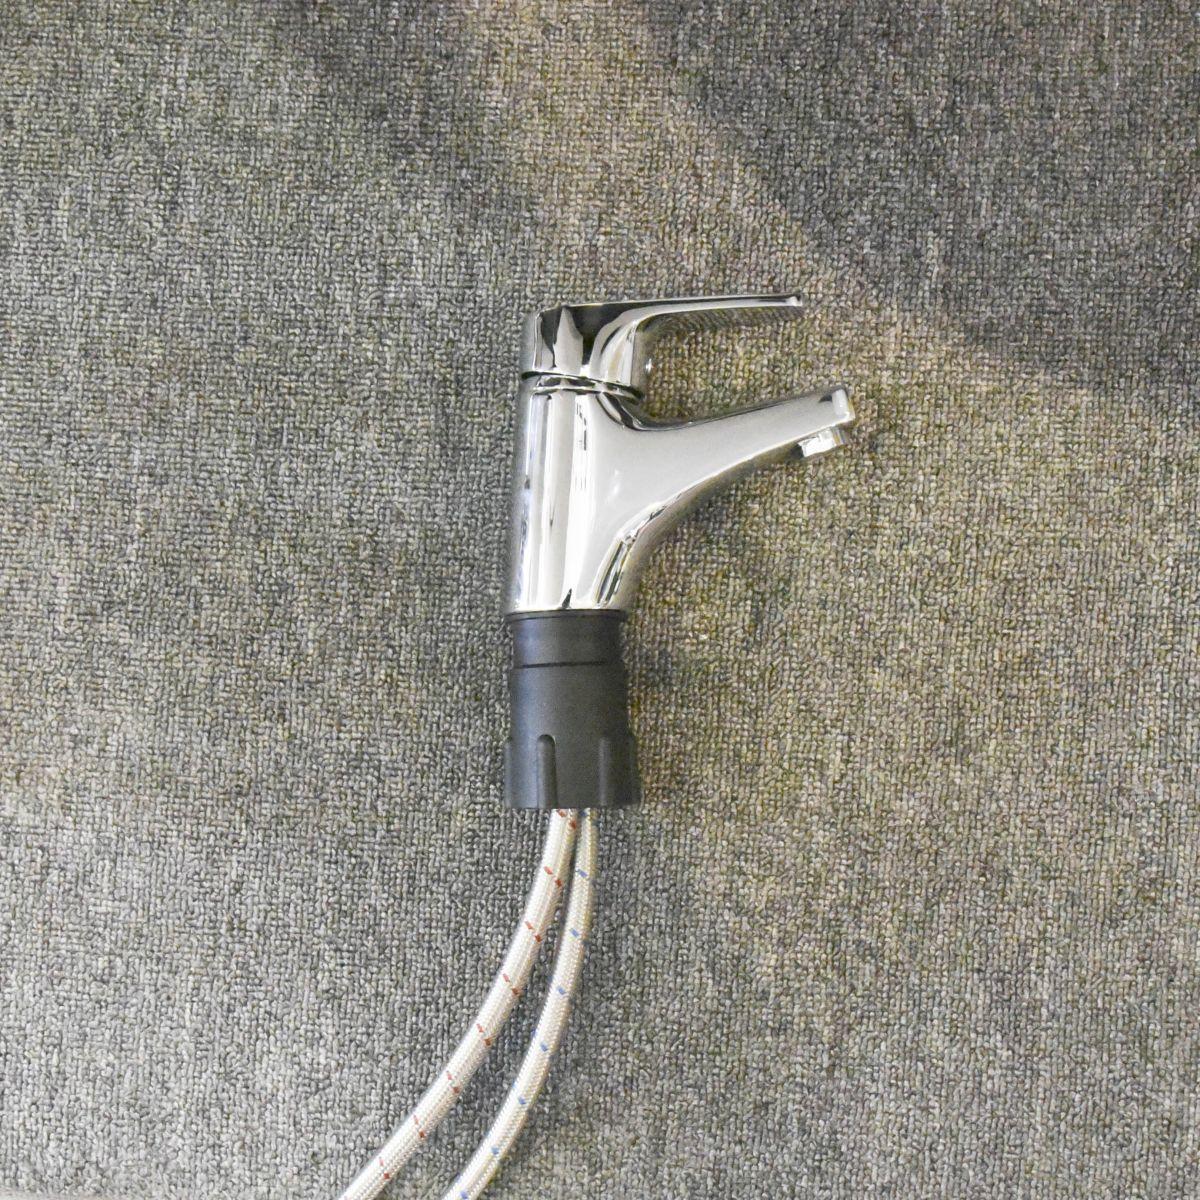 Vòi chậu lavabo nóng lạnh Outlet 07 là sản phẩm thiết bị vệ sinh outlet, xả kho, thanh lý một số mặt hàng trưng bày, giá khuyến mãi cực kỳ hấp dẫn, đến ngay showroom Hita tại Tphcm